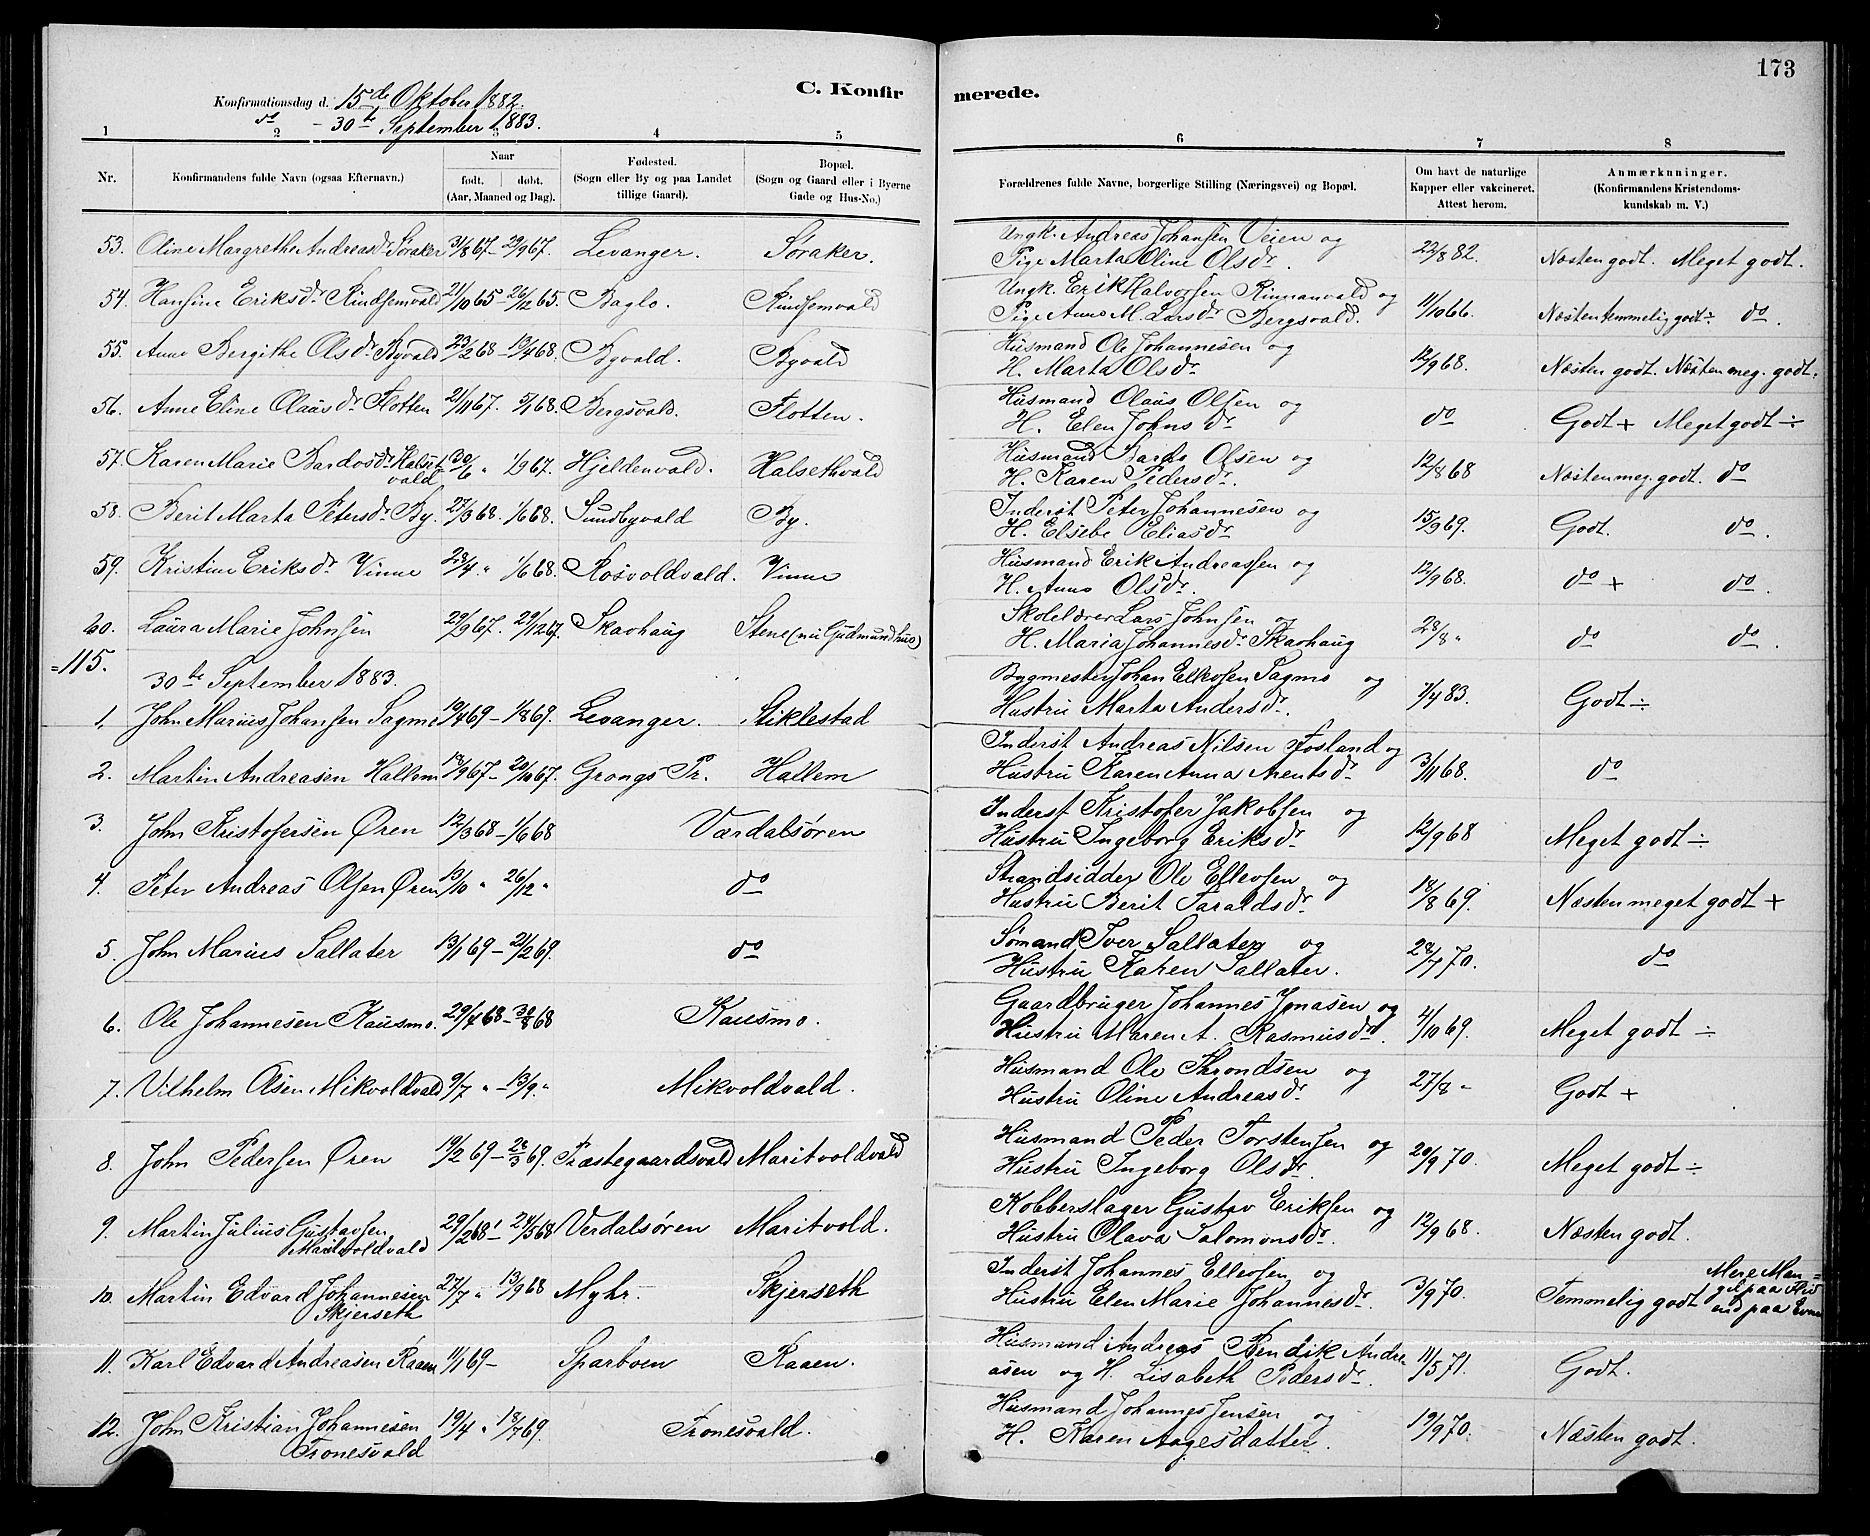 SAT, Ministerialprotokoller, klokkerbøker og fødselsregistre - Nord-Trøndelag, 723/L0256: Klokkerbok nr. 723C04, 1879-1890, s. 173